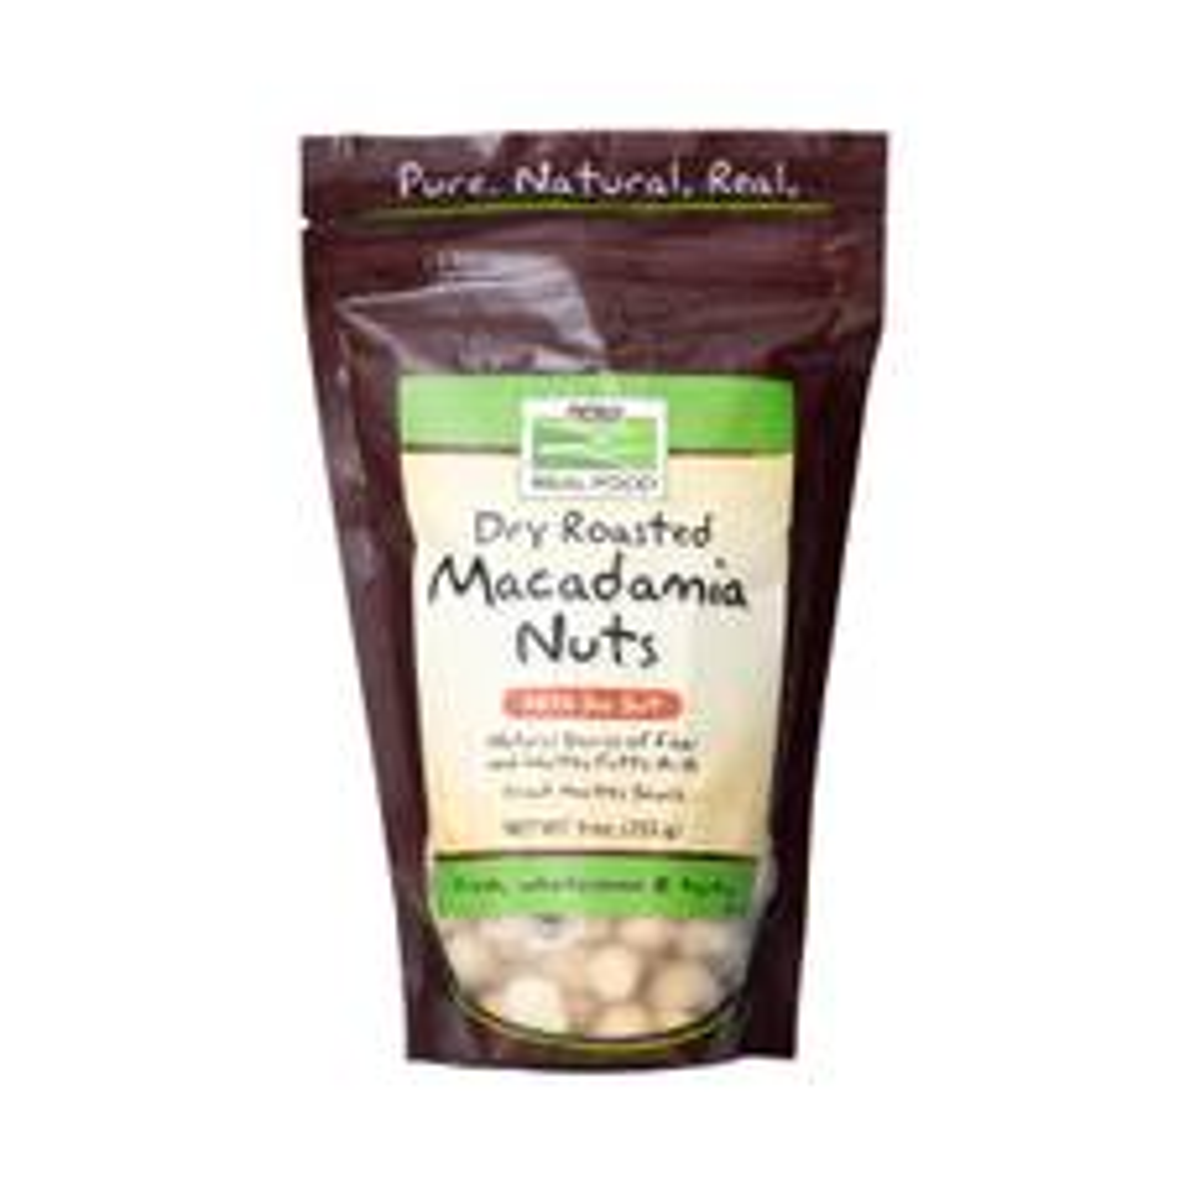 Roasted & Salted Macadamia Nuts